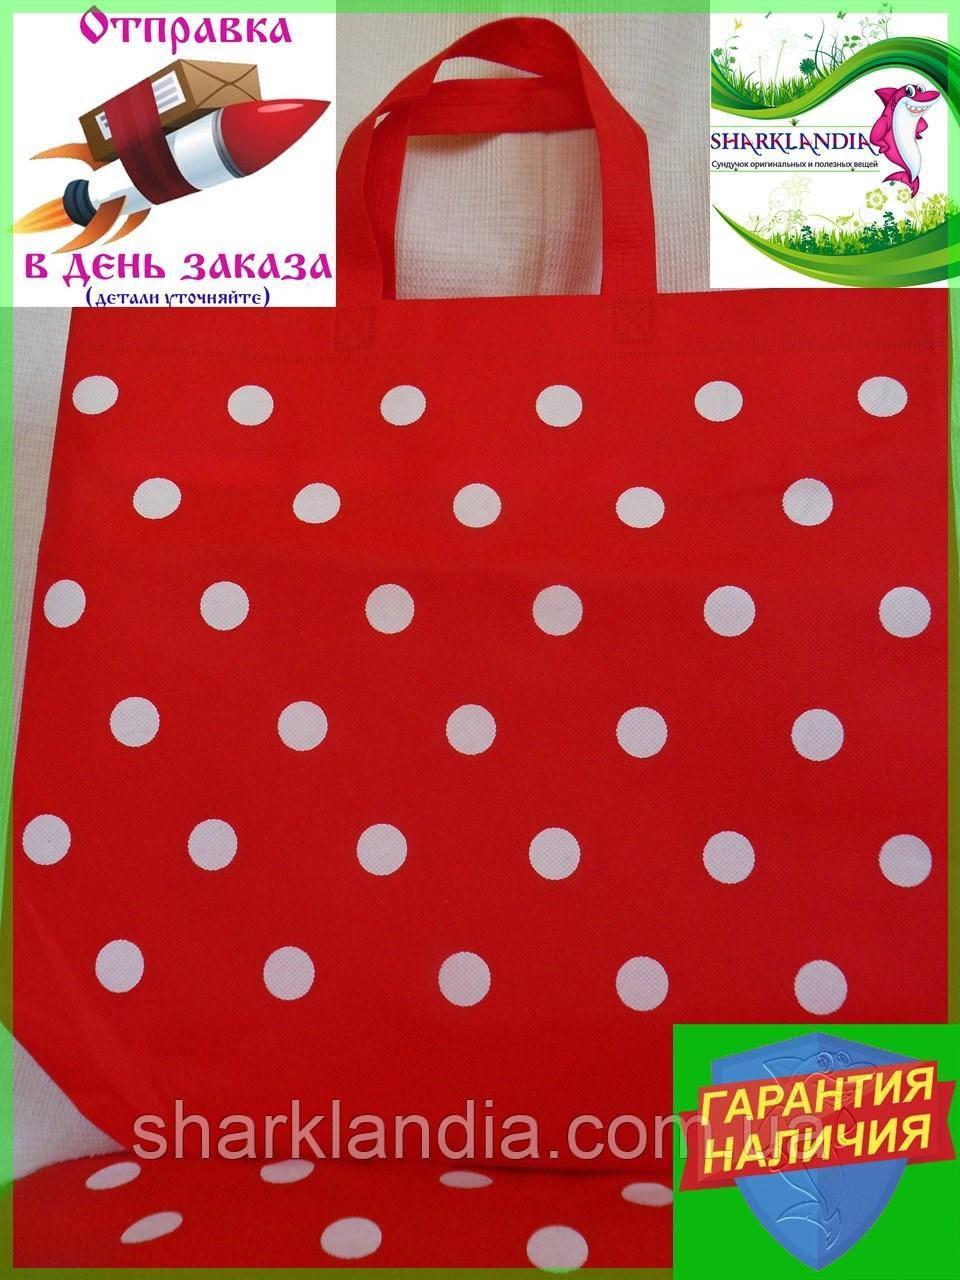 Стильная модная сумка красная в горох горошек для отдыха пляжа пикника покупок